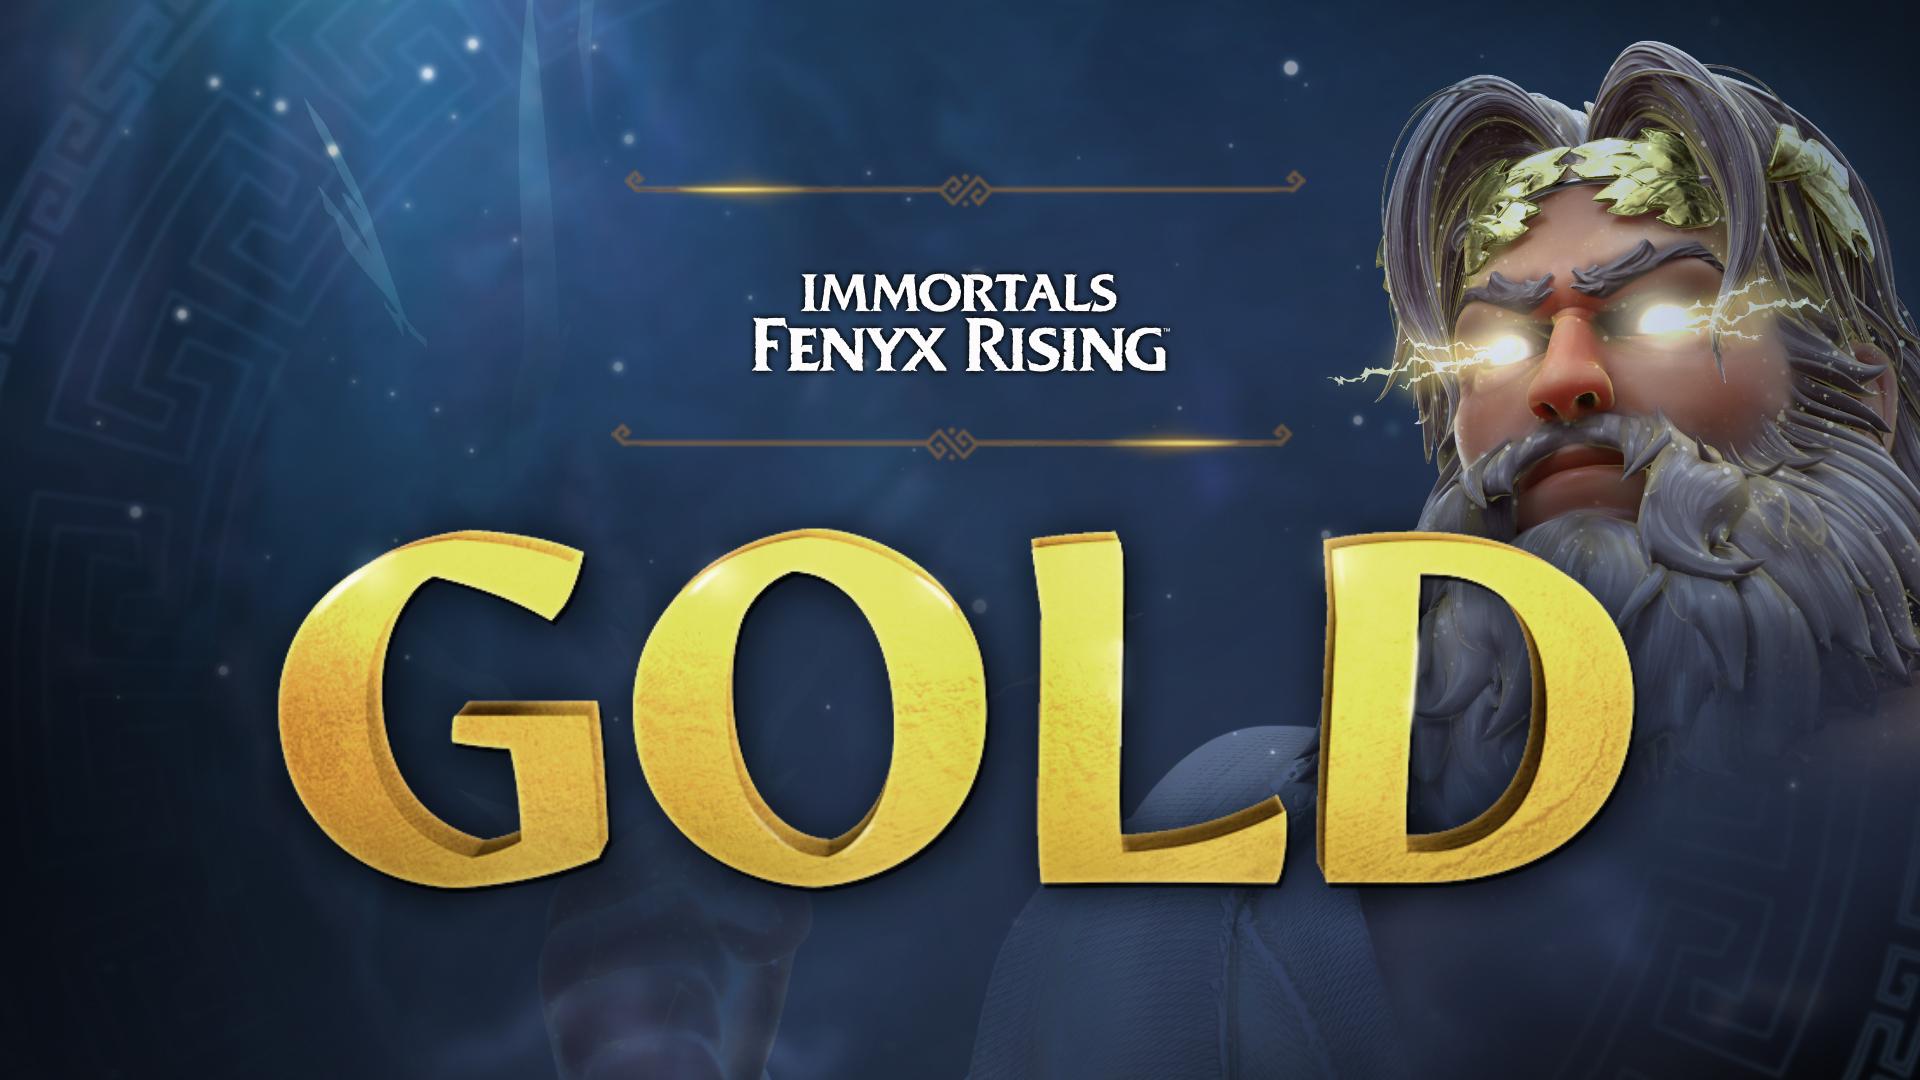 《渡神纪:芬尼斯崛起》进厂压盘 英雄之旅即将开启